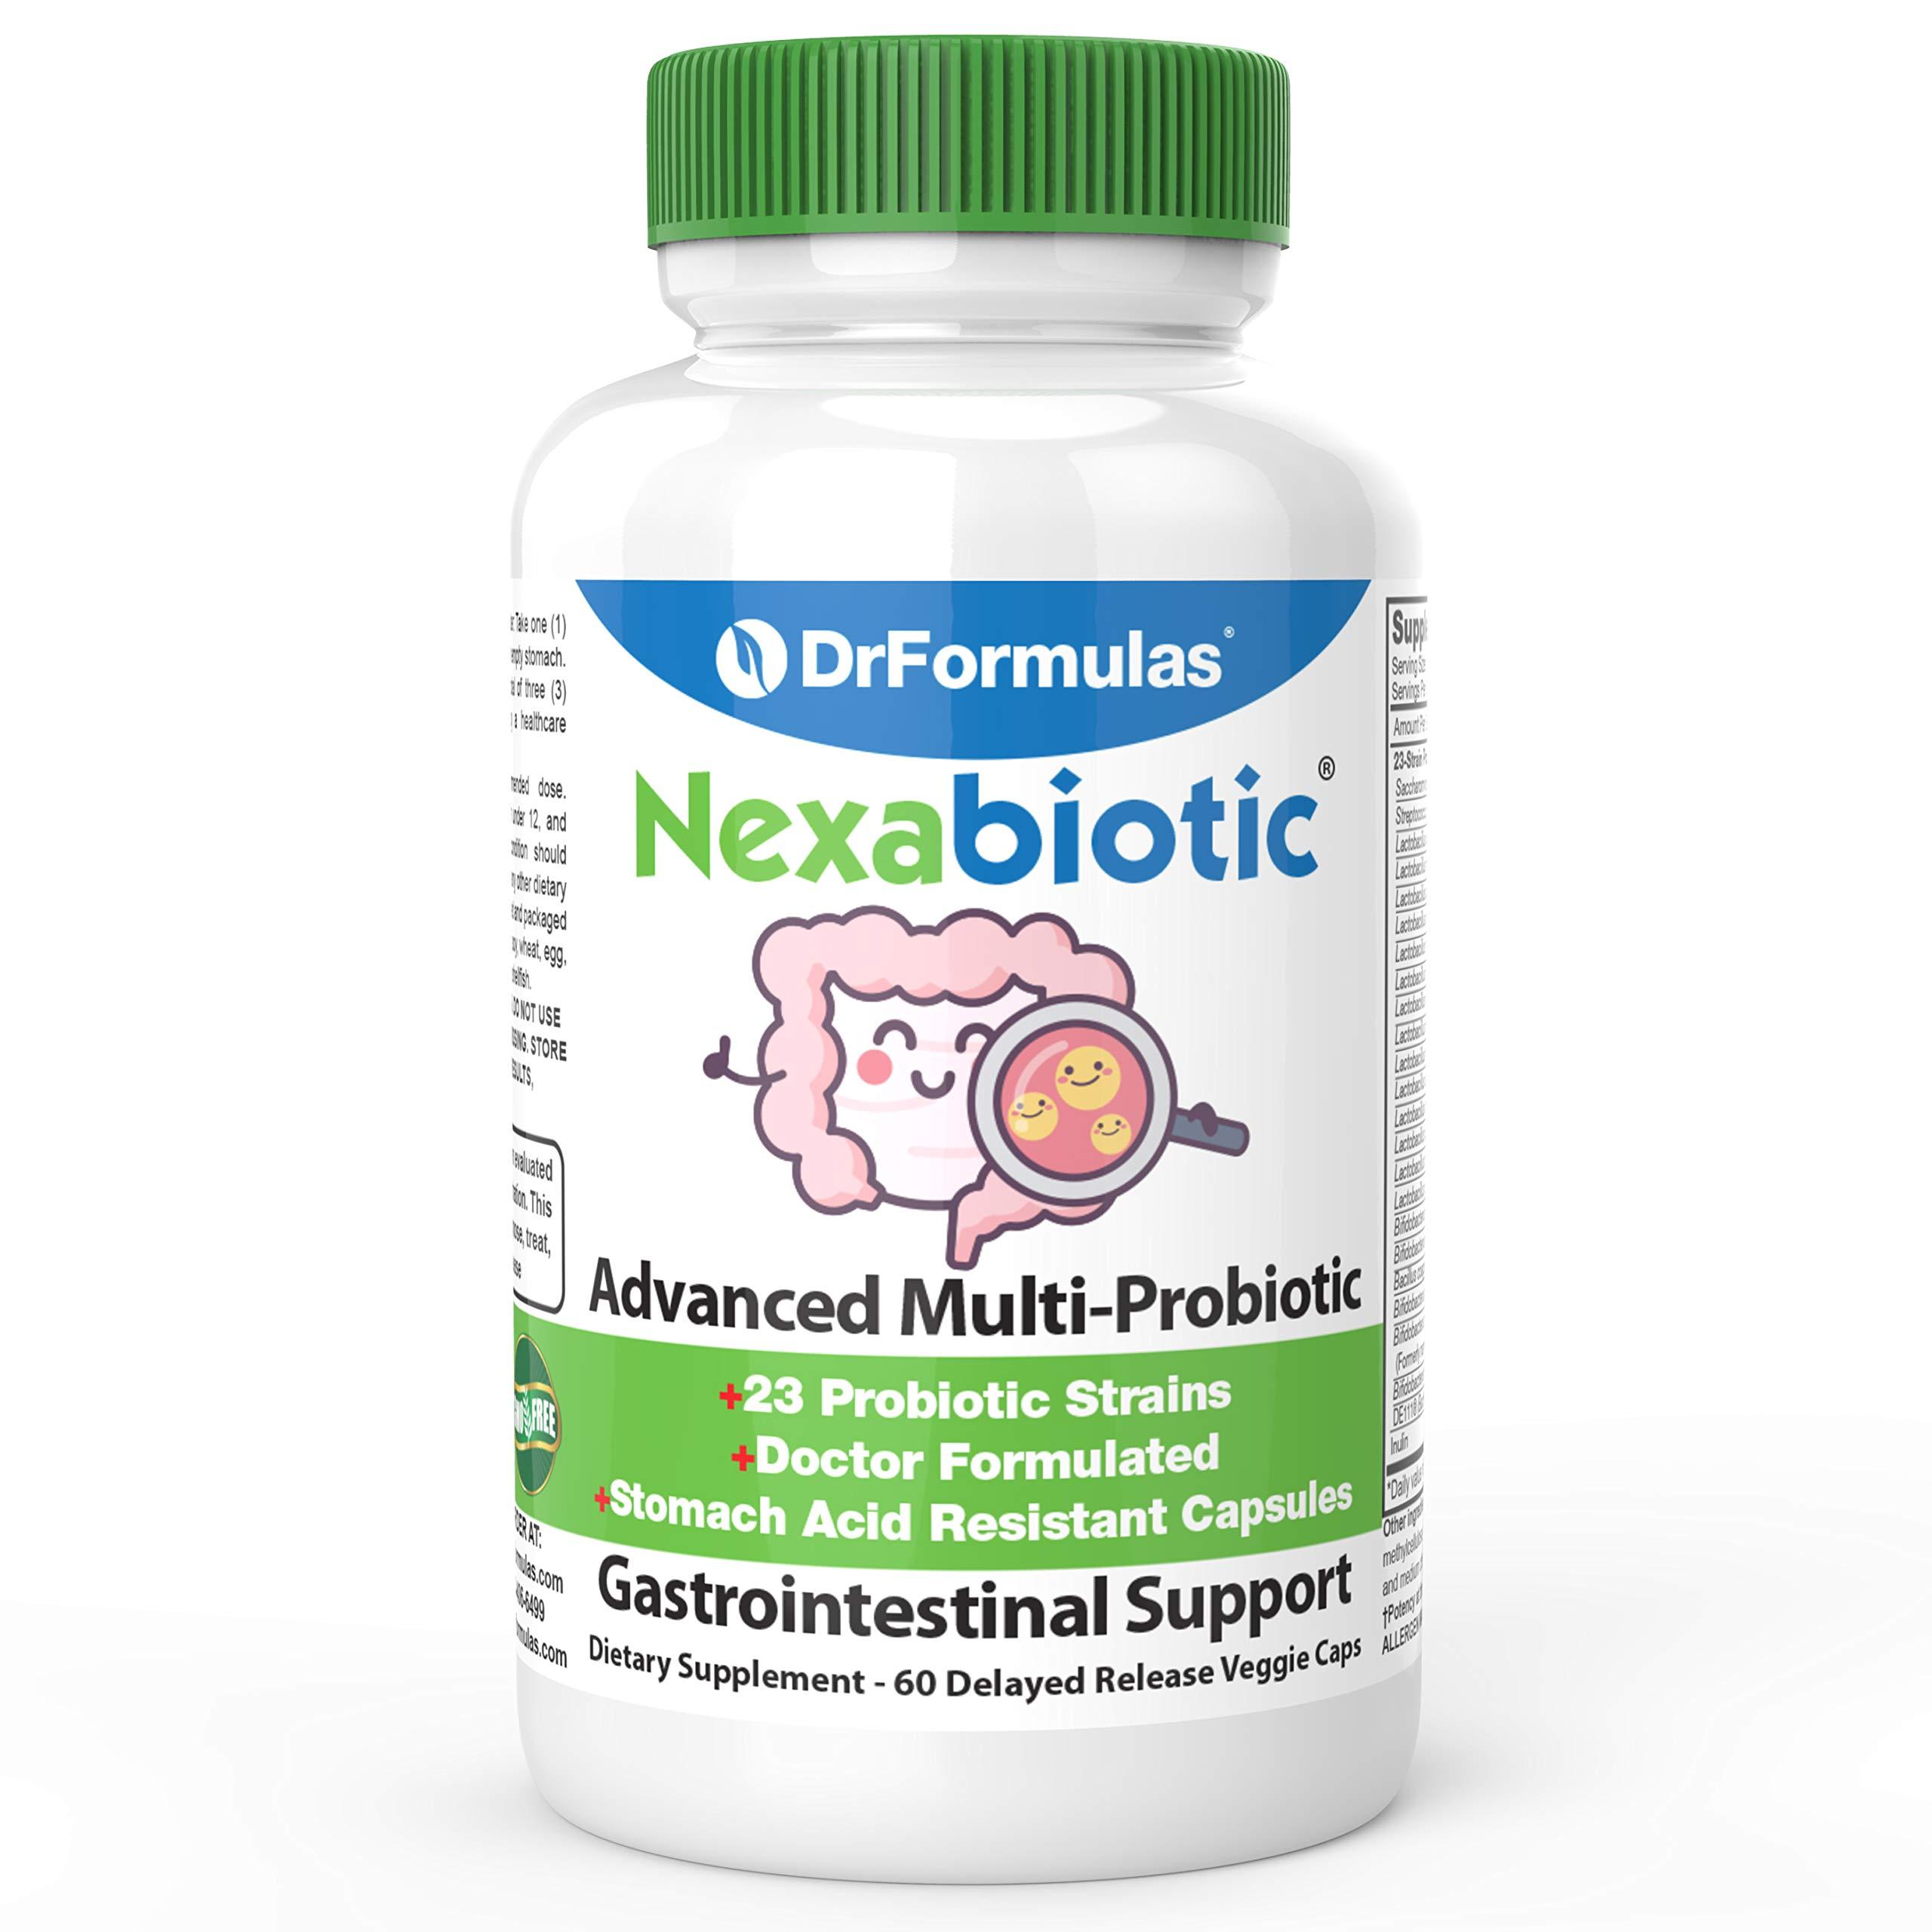 DrFormulas' Best Probiotics for Women & Men | Nexabiotic Multi Probiotic with Saccharomyces Boulardii, Lactobacillus Acidophilus, B. infantis, Prebiotic 60 Count Capsules (Not Pearls) by DrFormulas